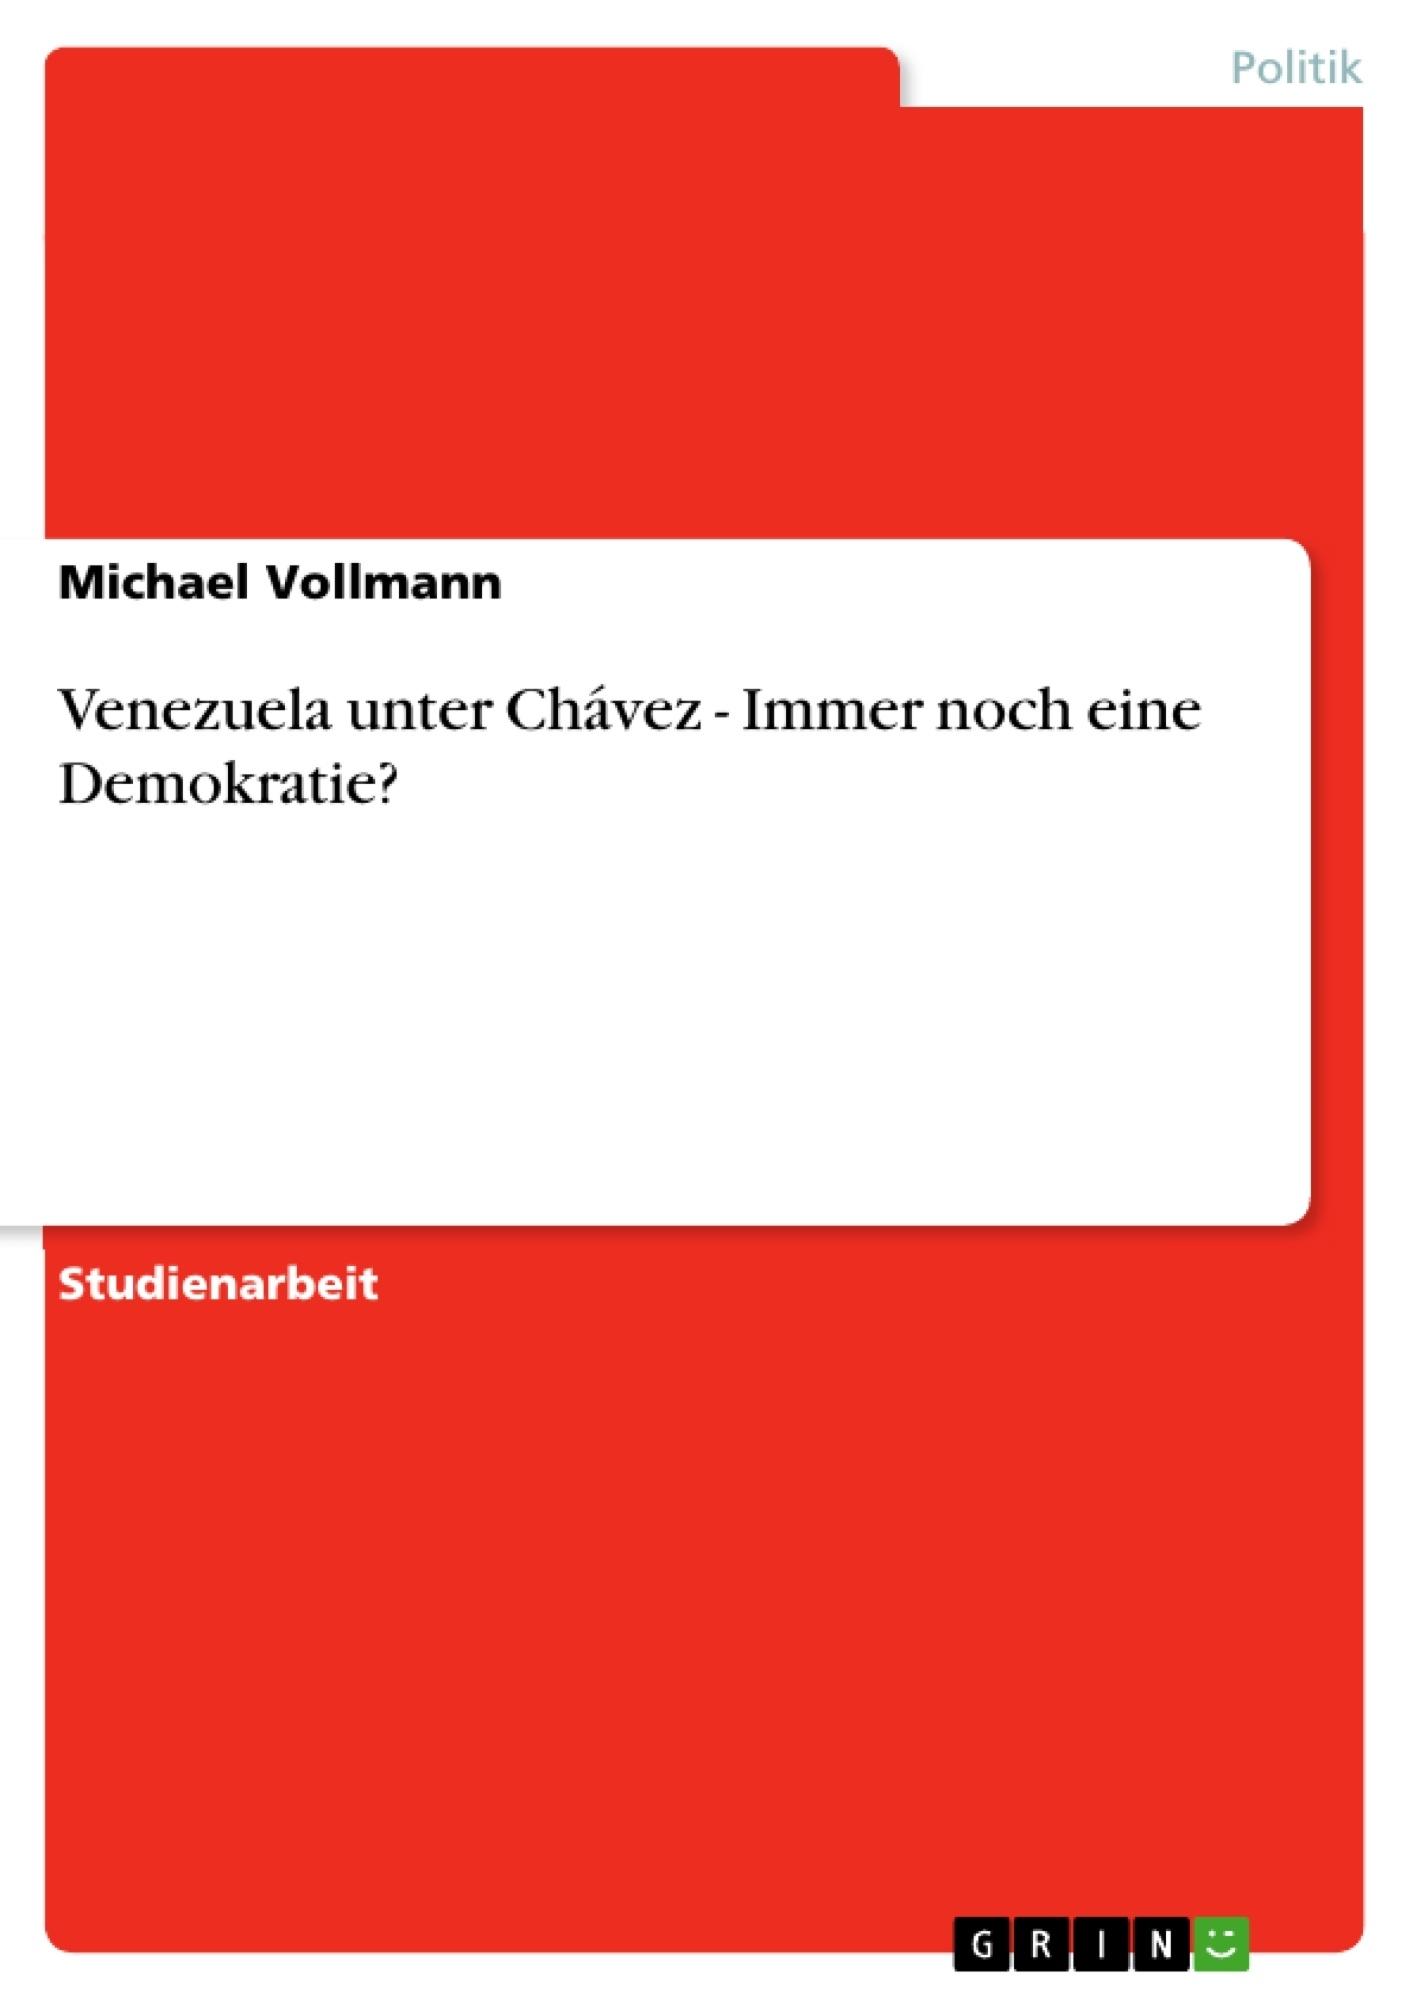 Titel: Venezuela unter Chávez - Immer noch eine Demokratie?